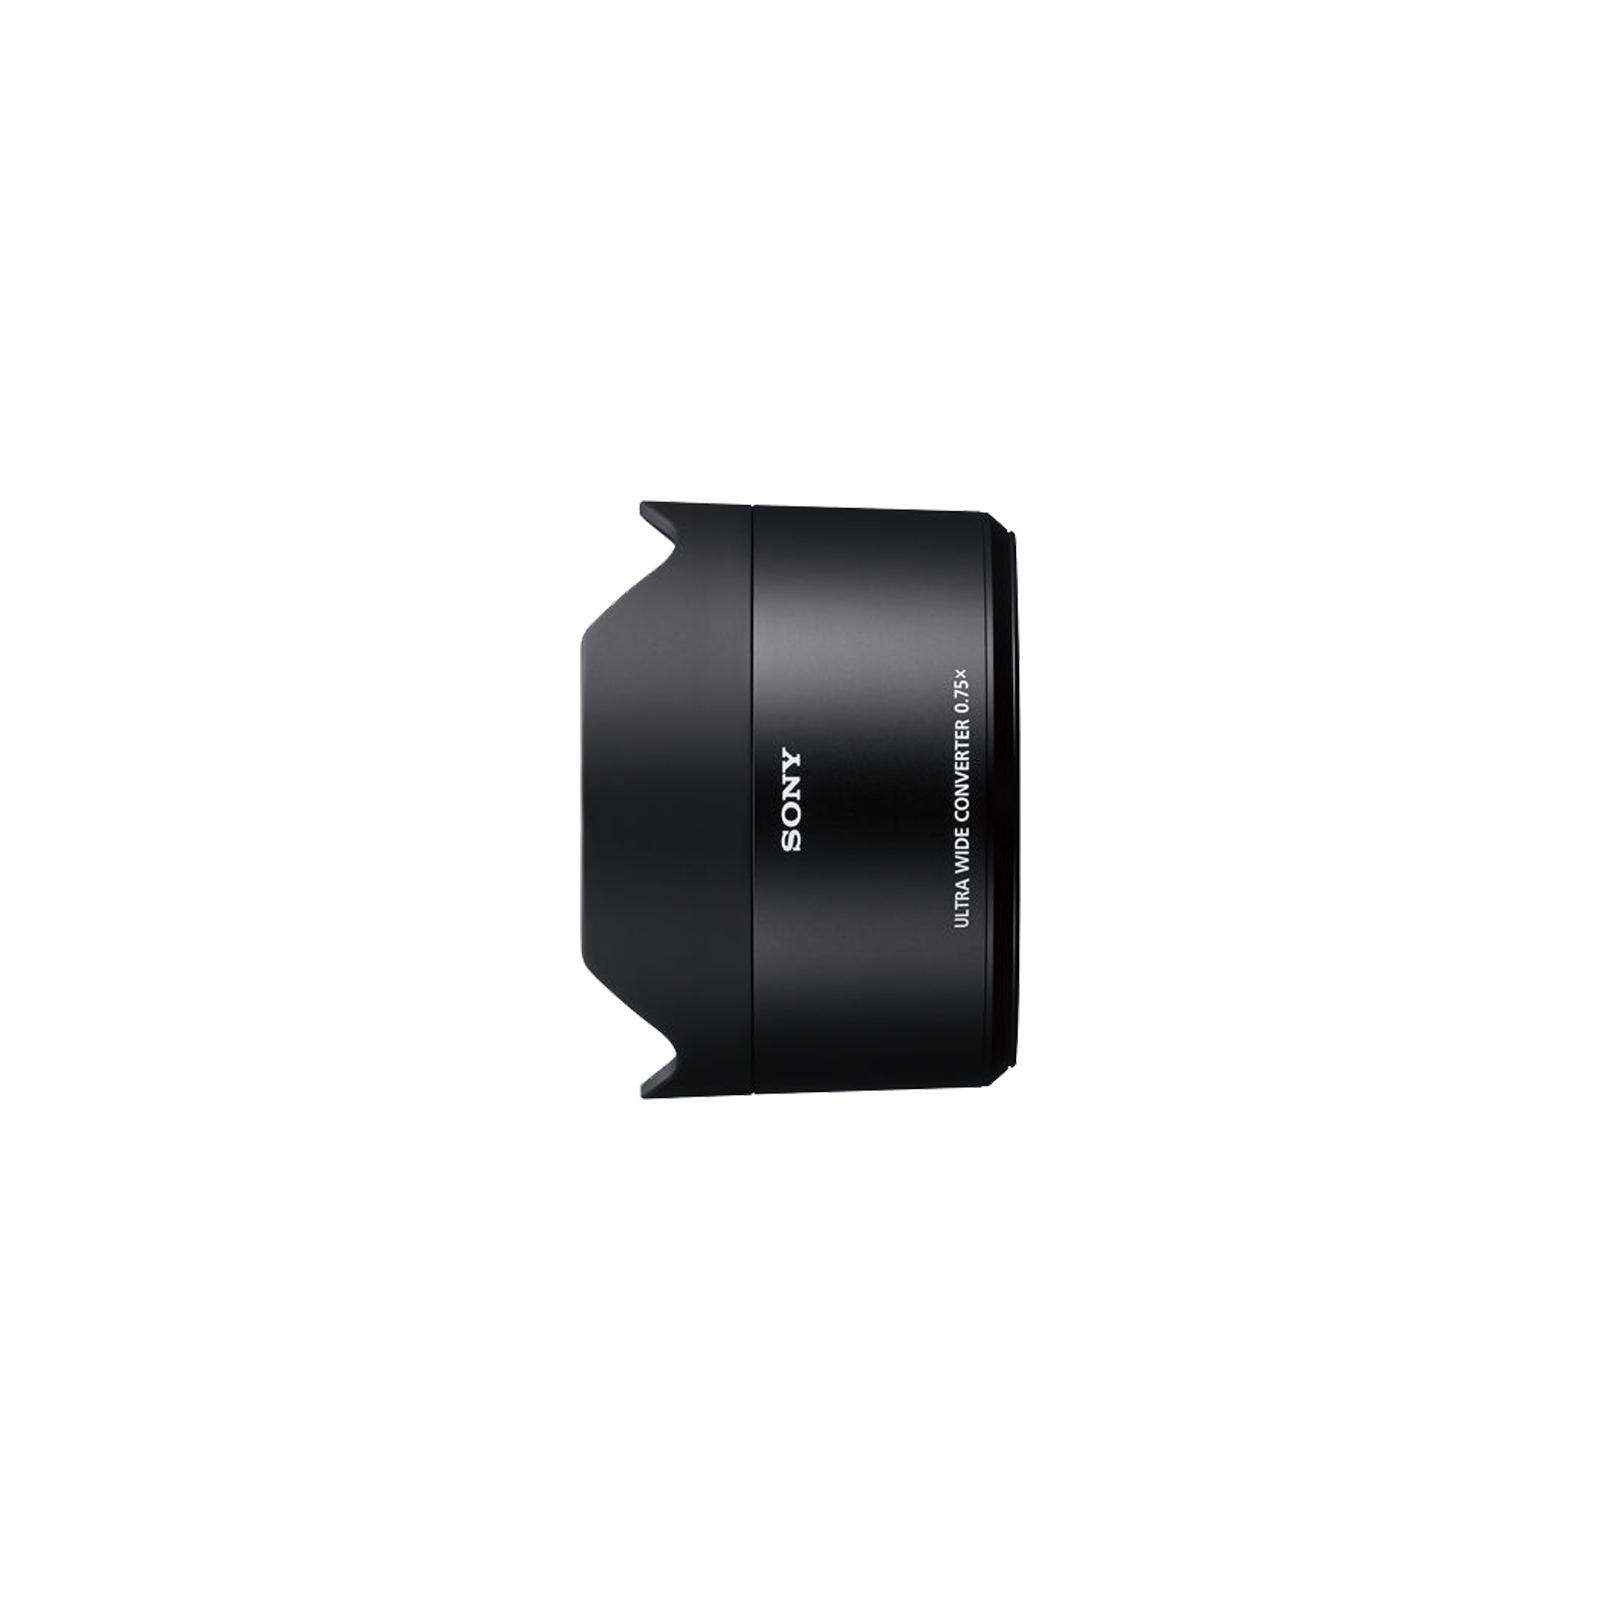 Фото-адаптер SONY широкоугольная для SEL 28mm f2.0 FE (SEL075UWC.SYX) изображение 2